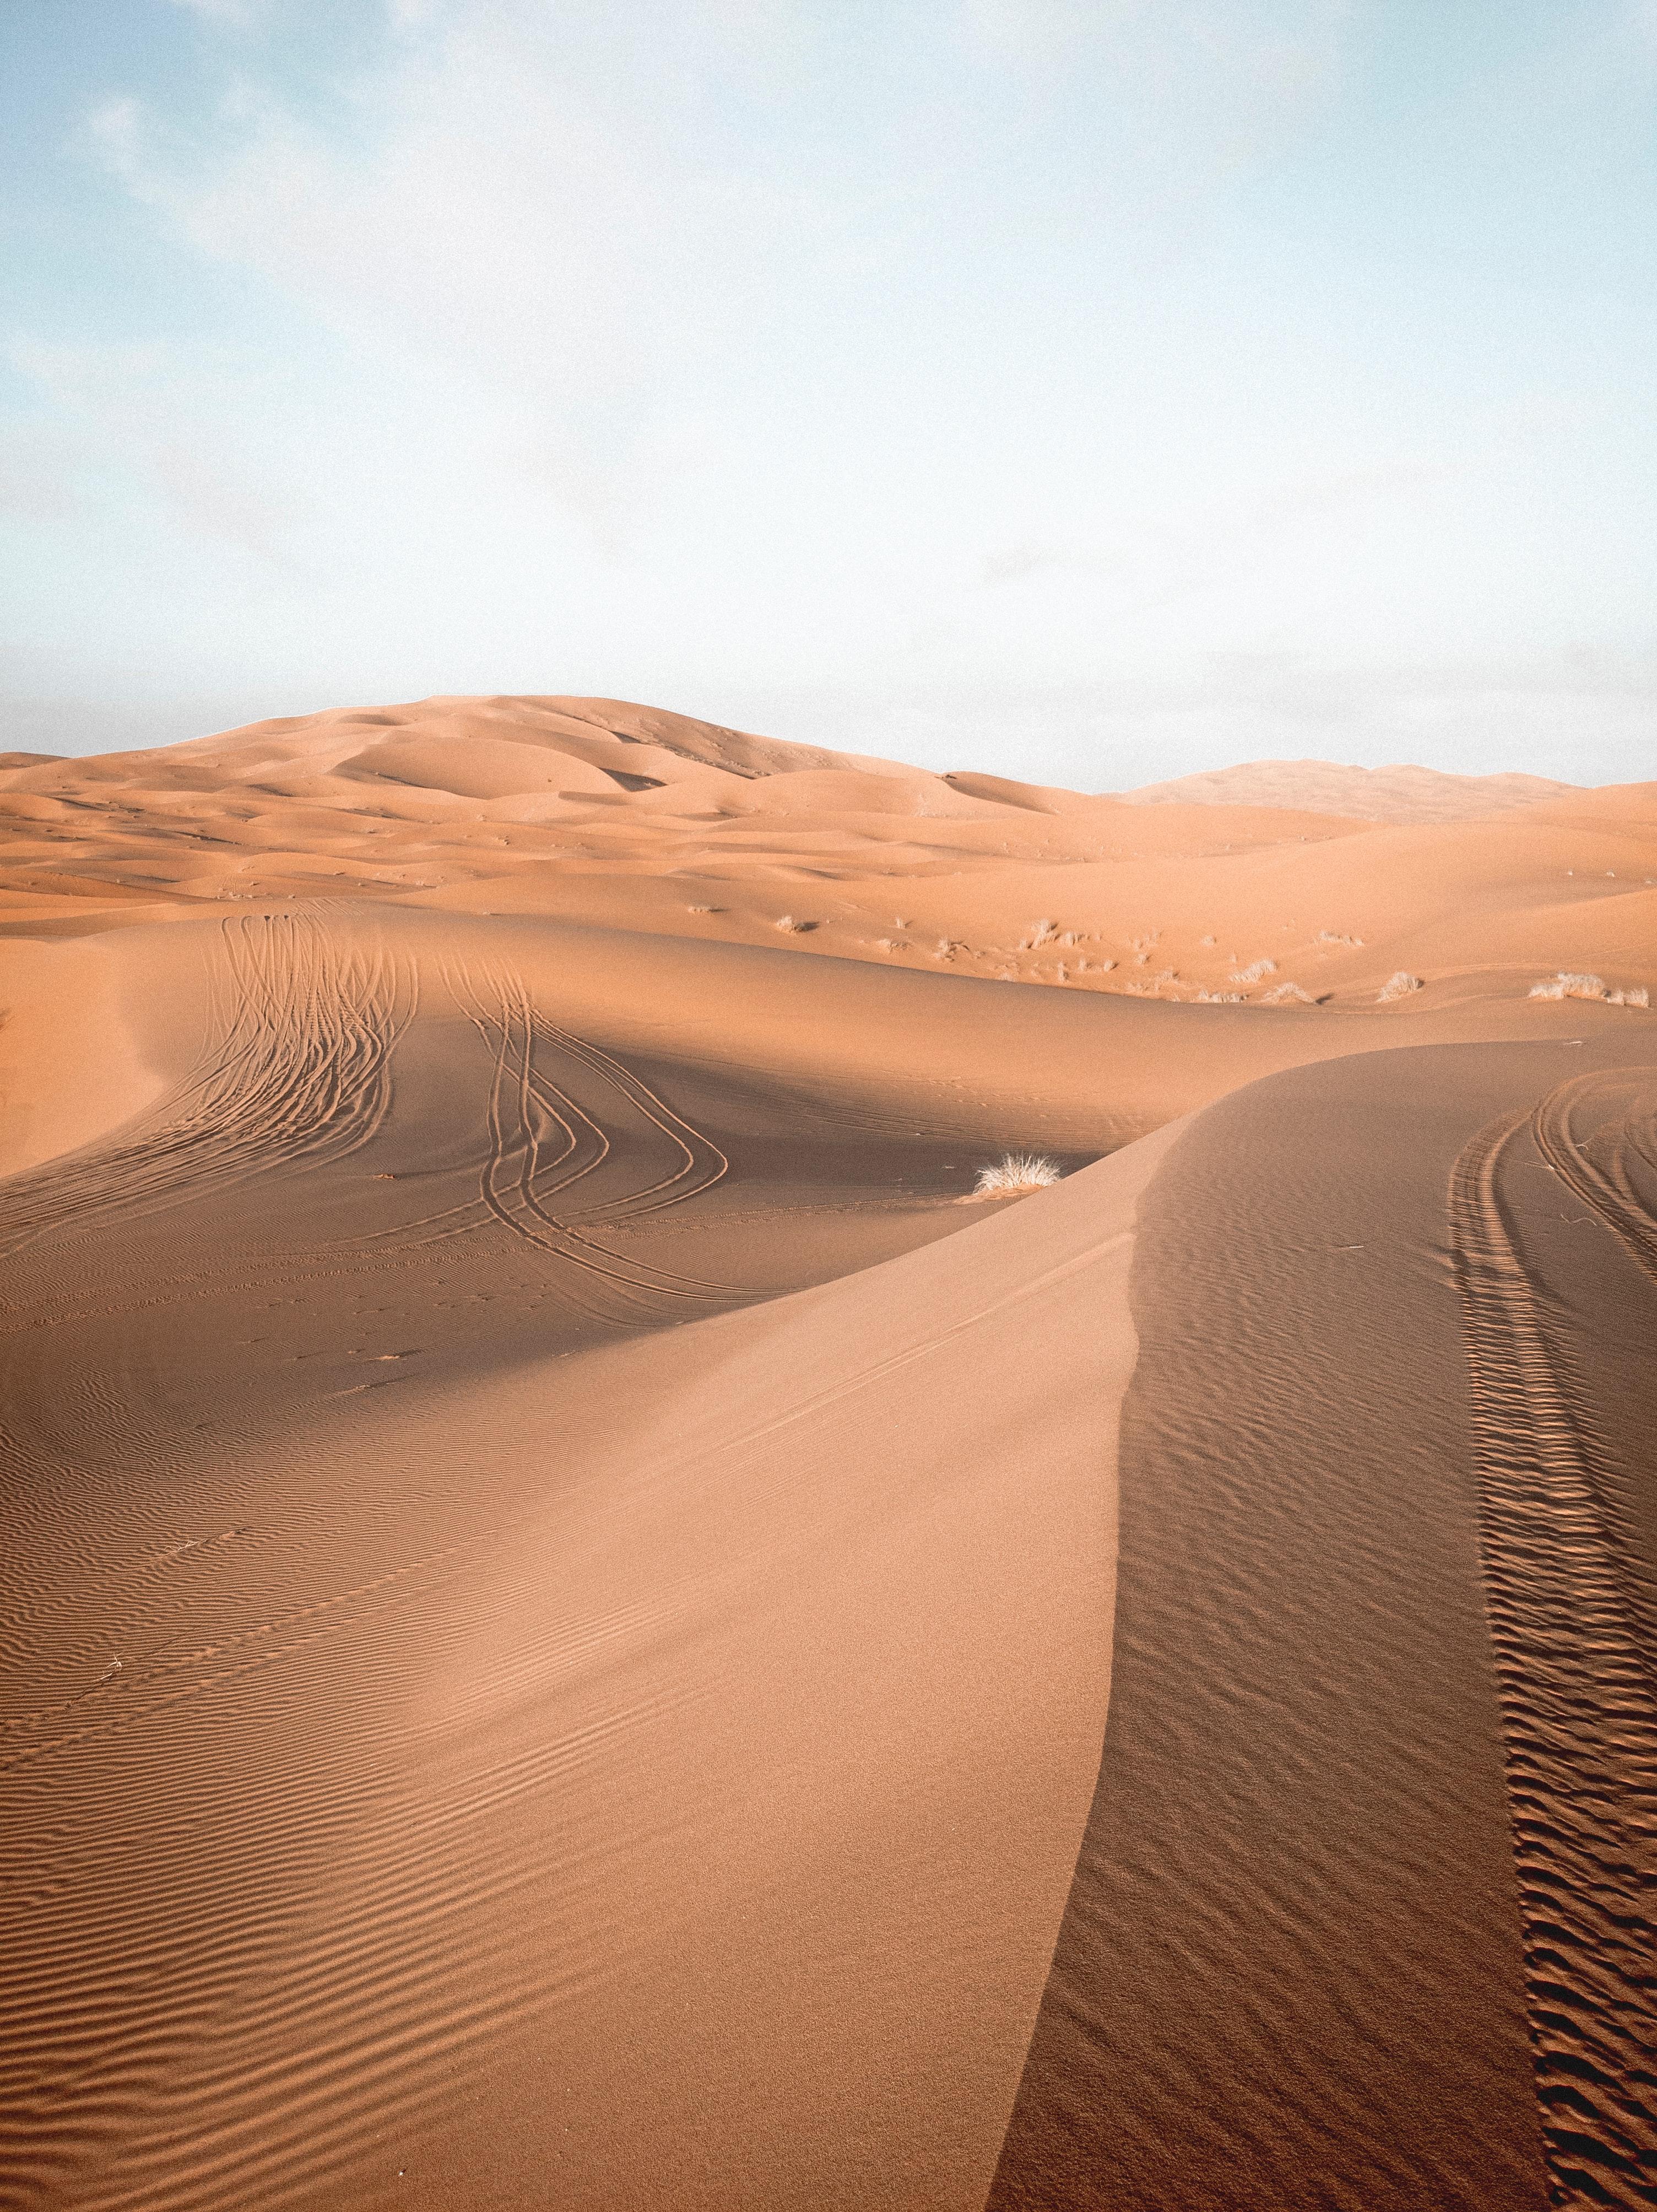 98839 Заставки и Обои Пустыня на телефон. Скачать Природа, Небо, Песок, Пустыня, Следы, Барханы картинки бесплатно